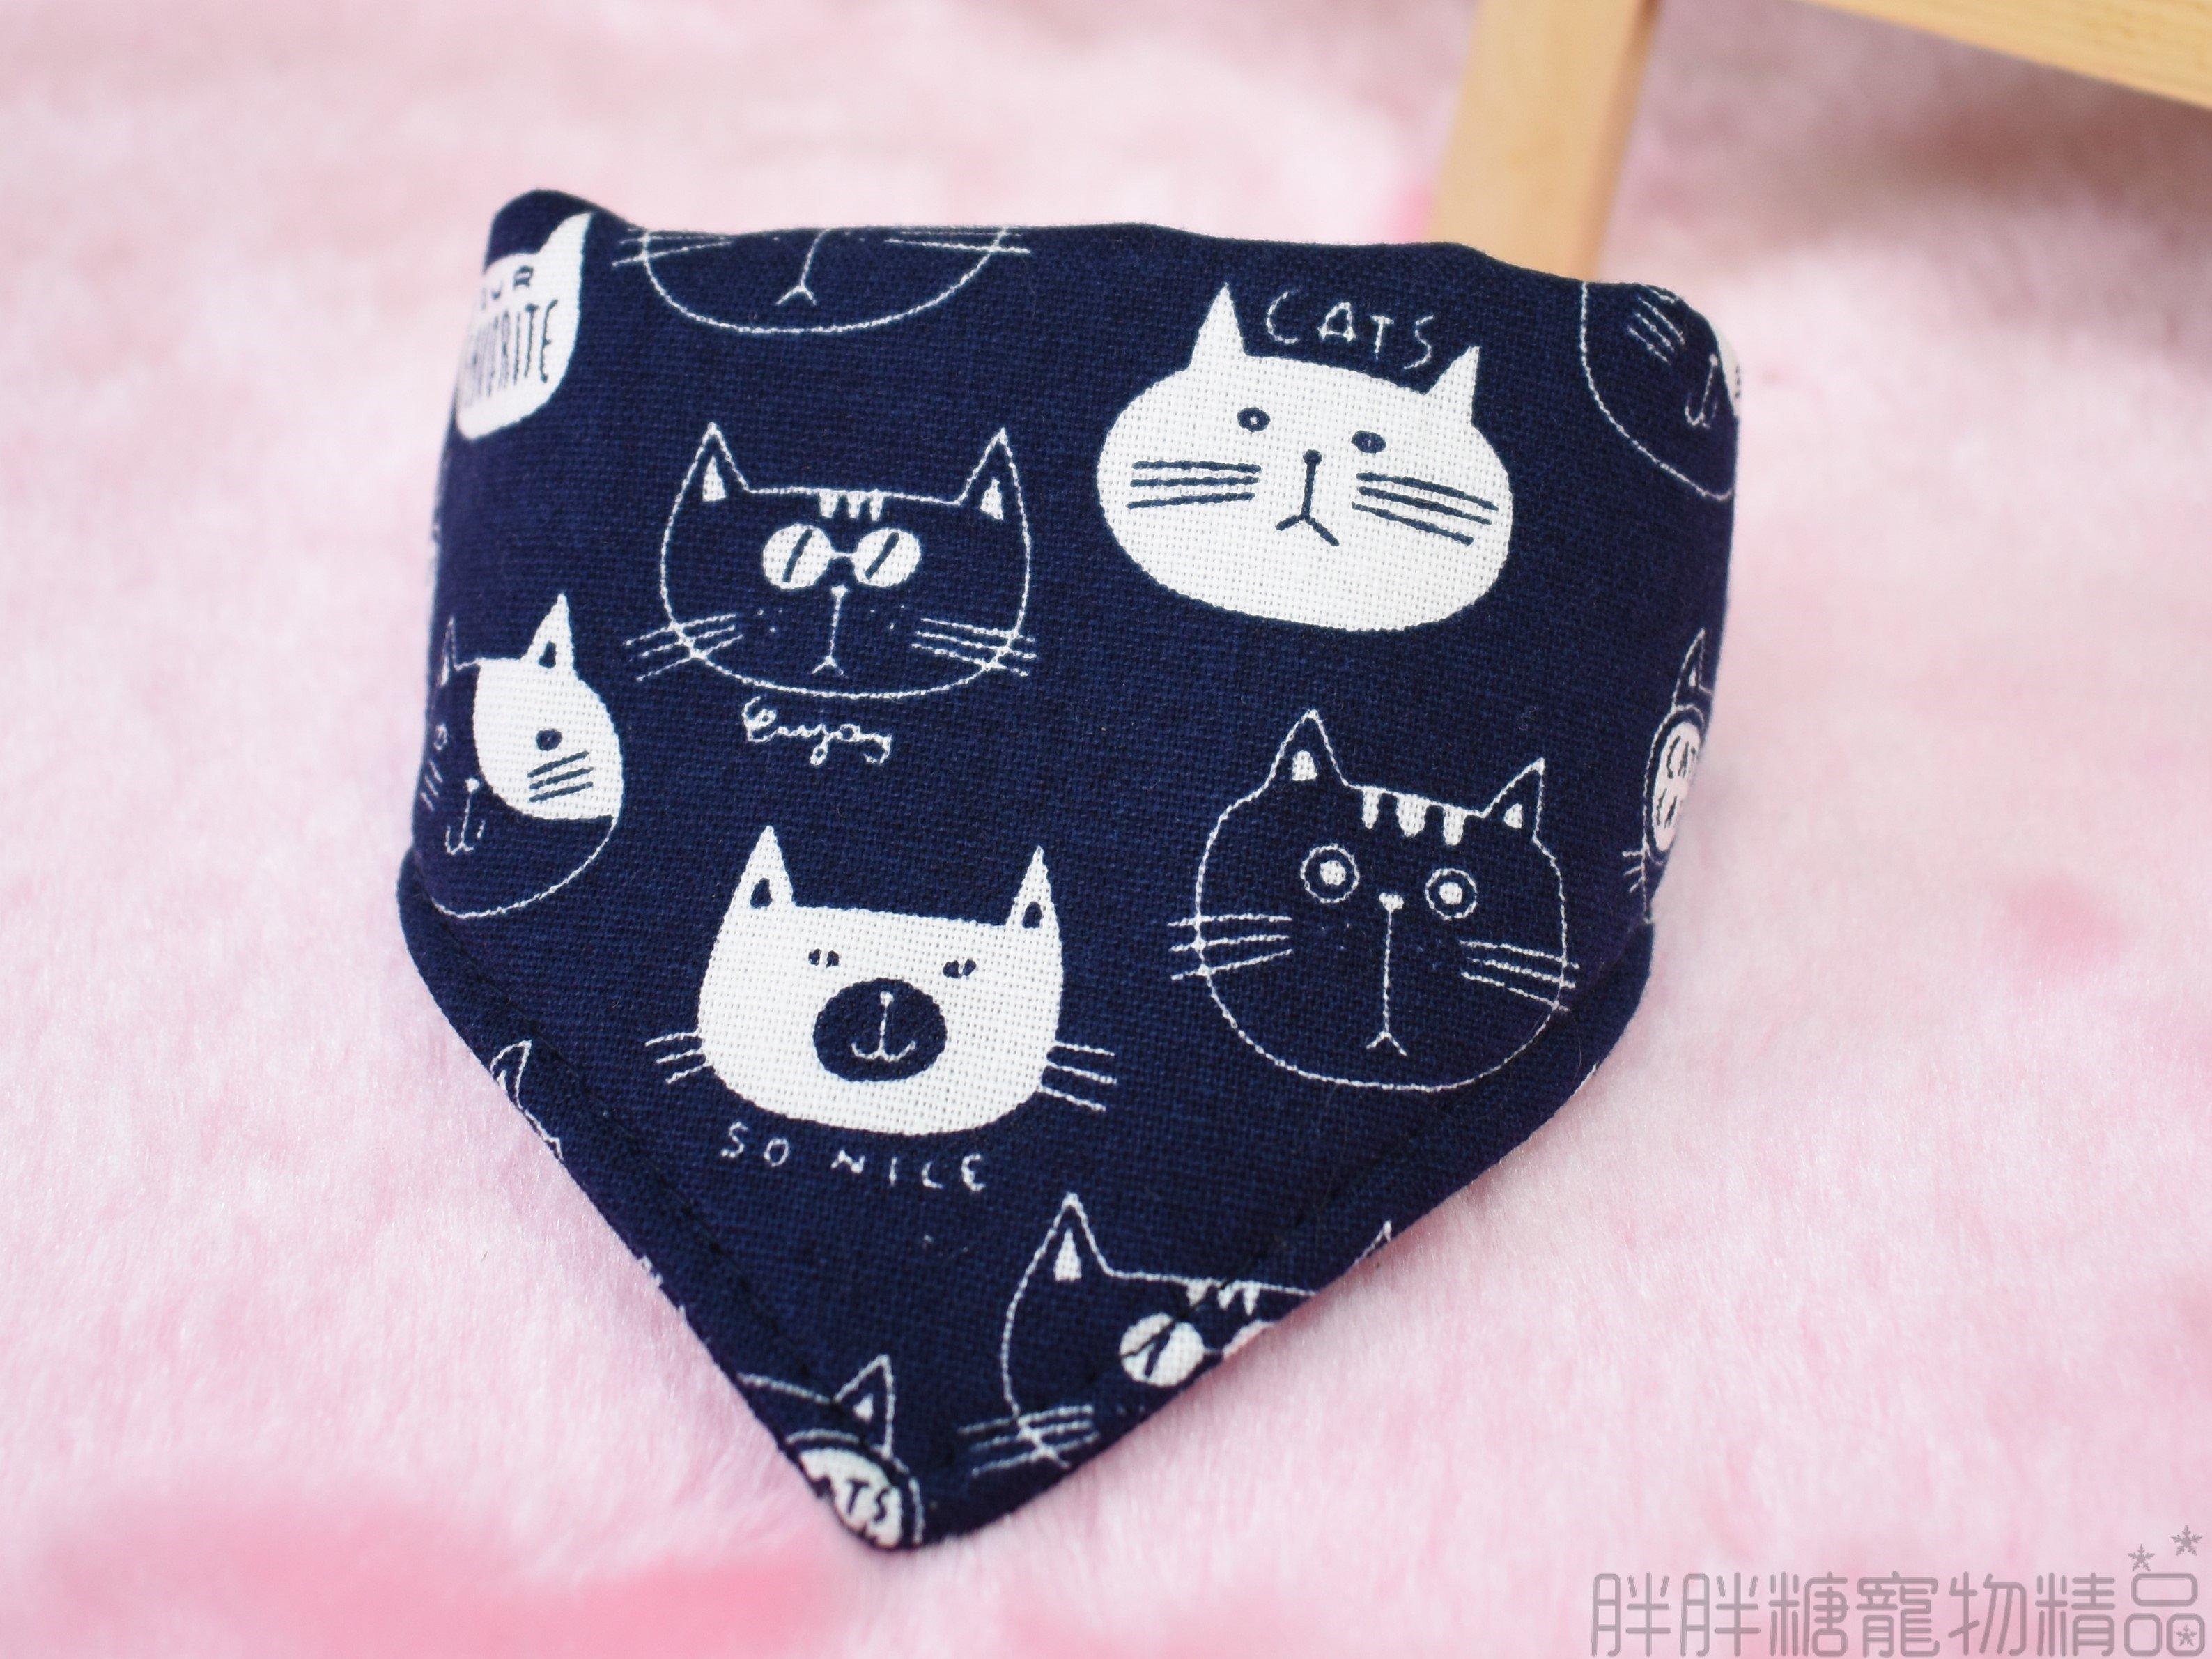 【胖胖糖】深藍貓領巾項圈(XS號)-寵物項圈 安全扣 可伸縮 中小型犬 MIT 製 頸圈 貓項圈 狗項圈